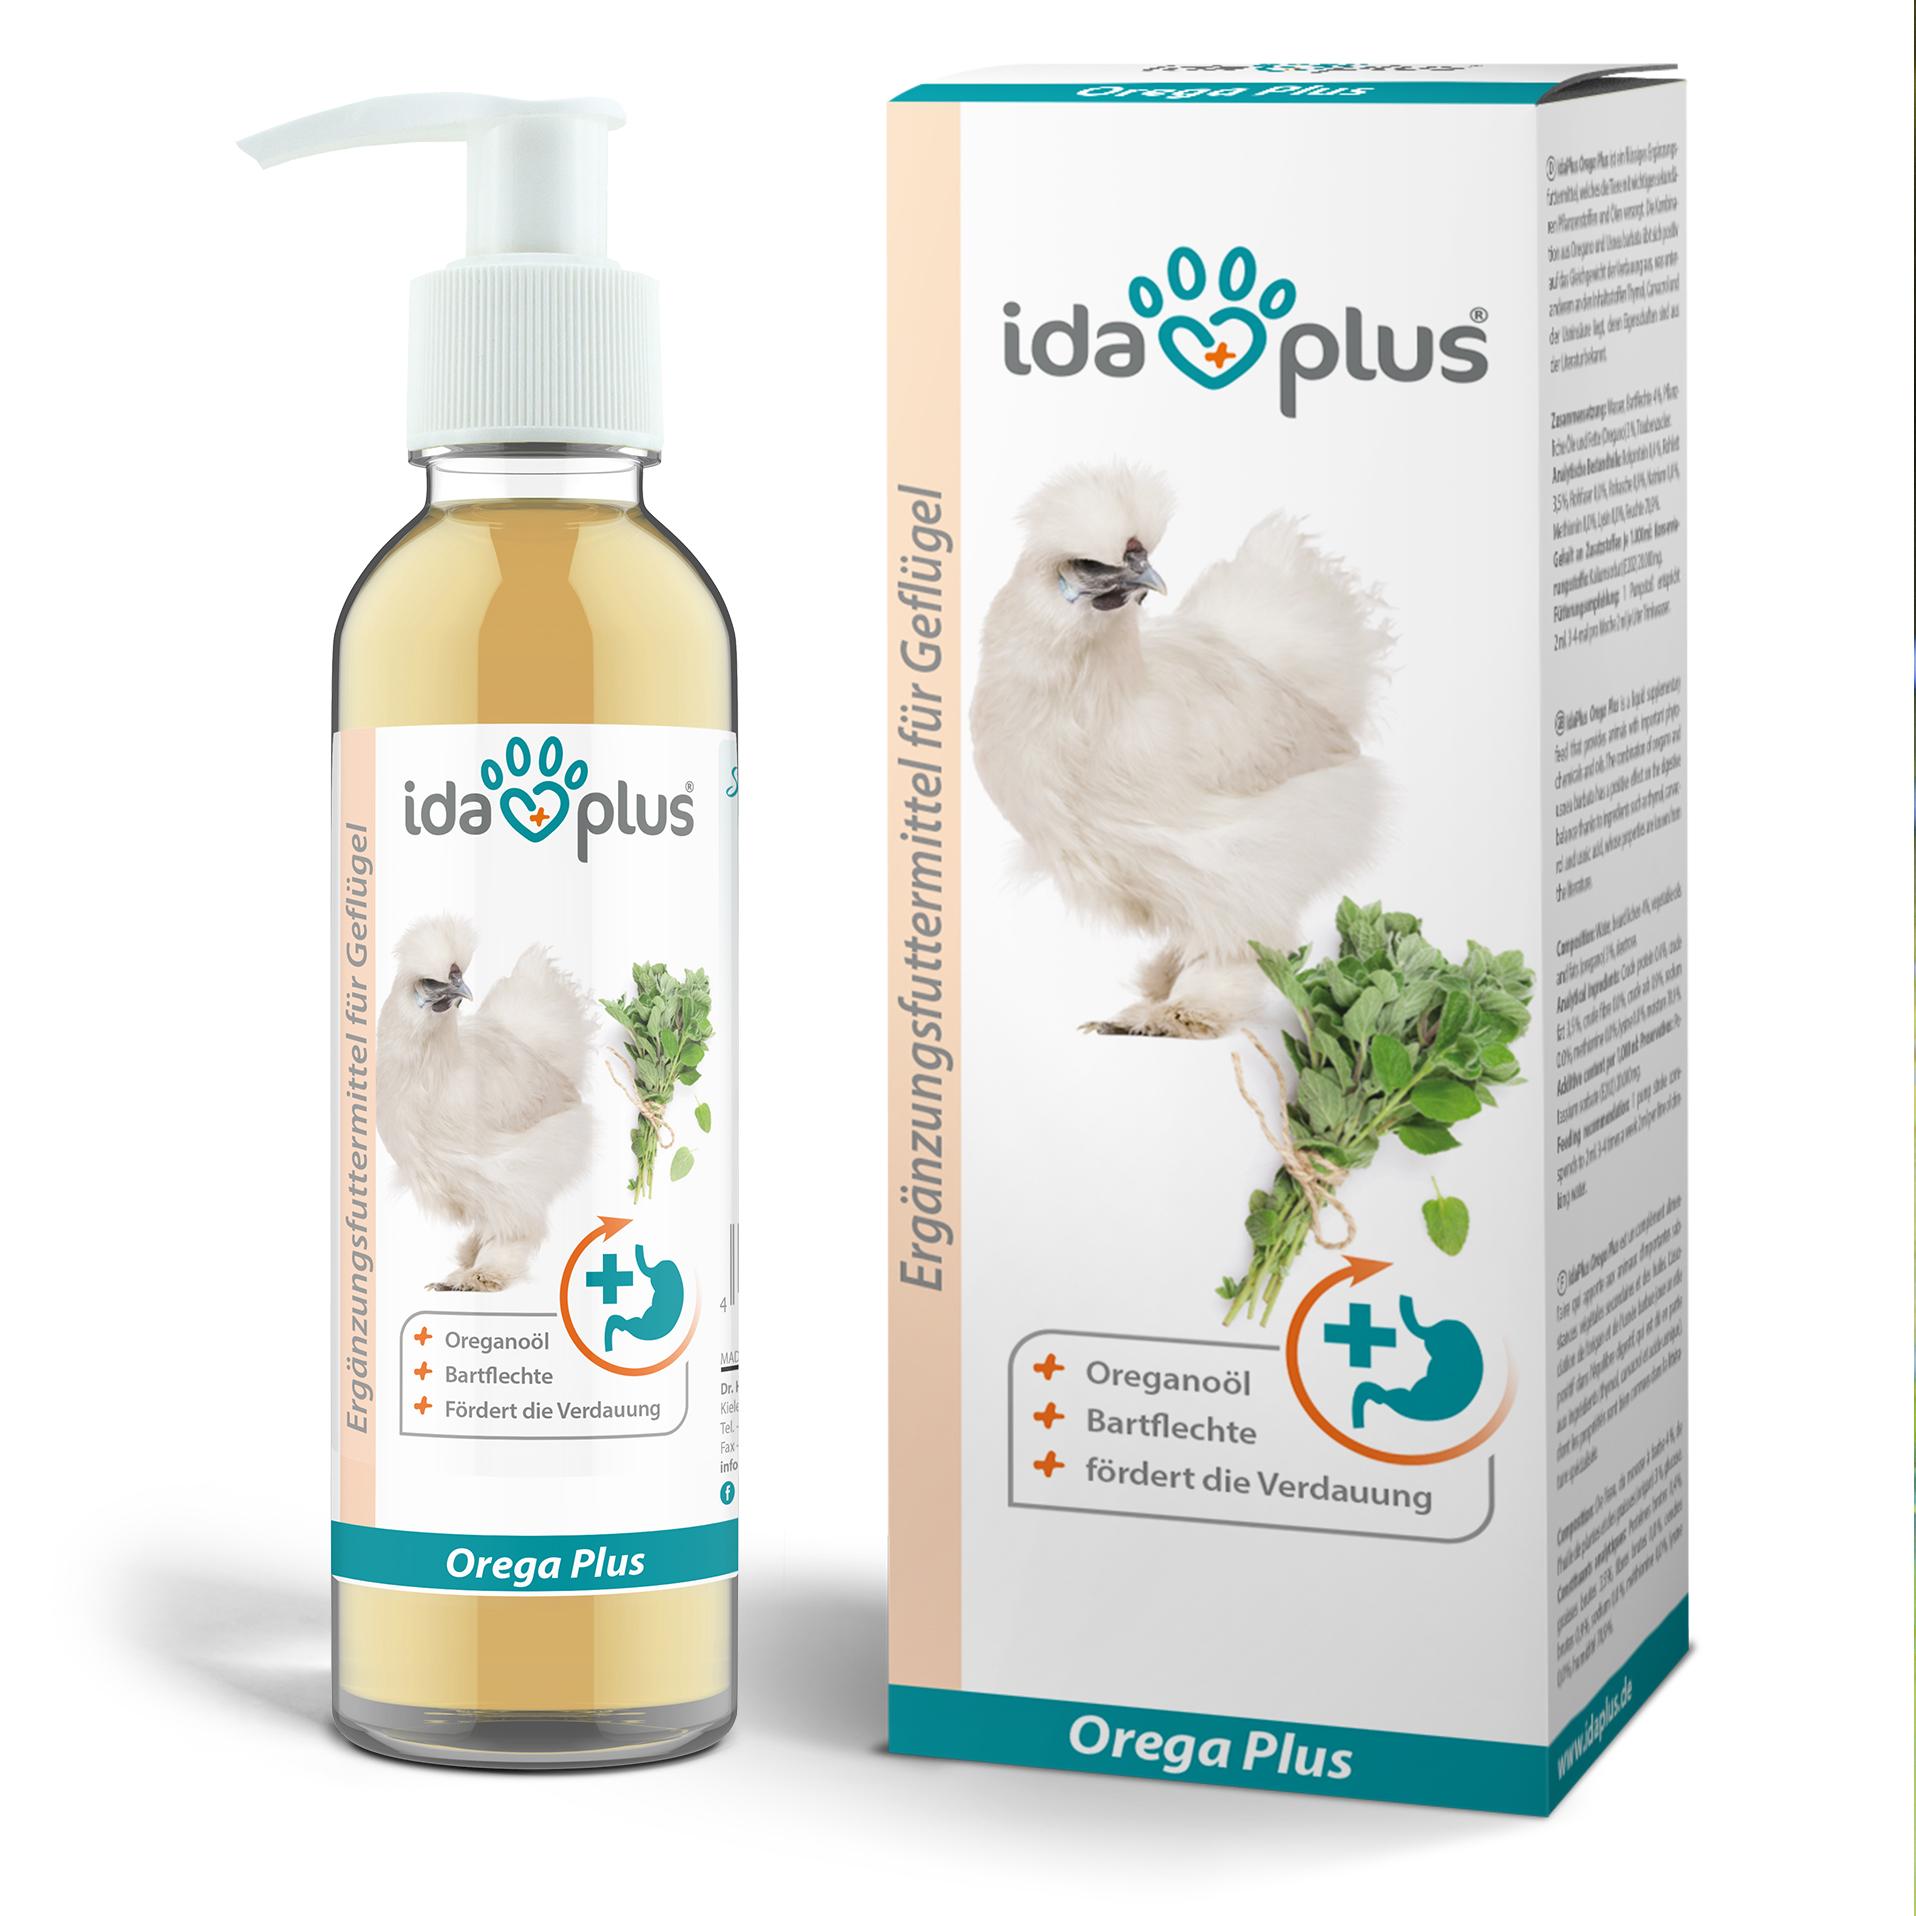 Orega Plus - Oregano Öl für Hühner unterstützt die Verdauung & Darmflora